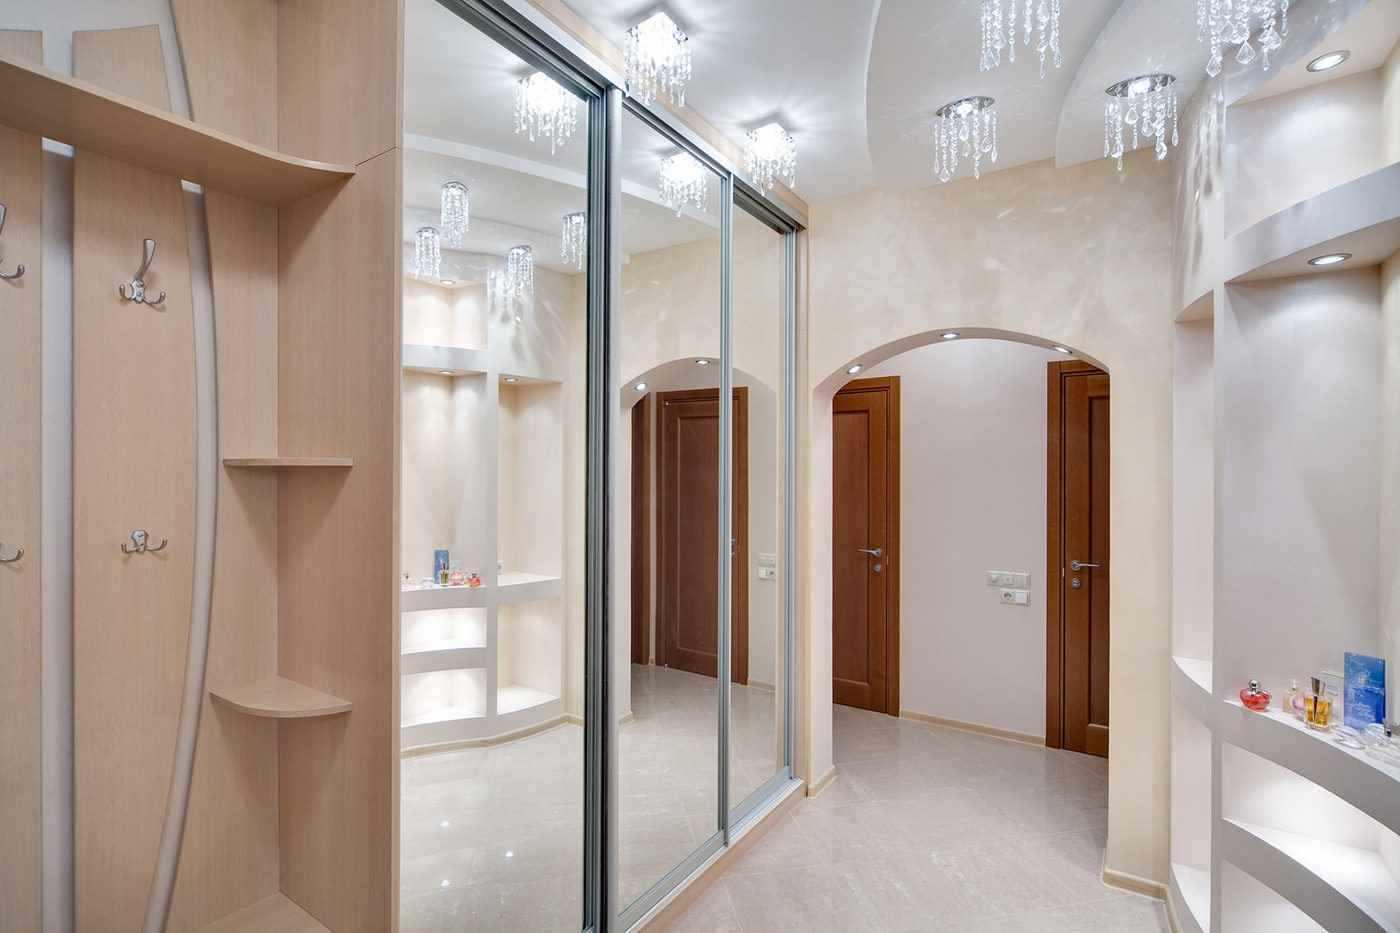 version du beau design du couloir d'une maison privée